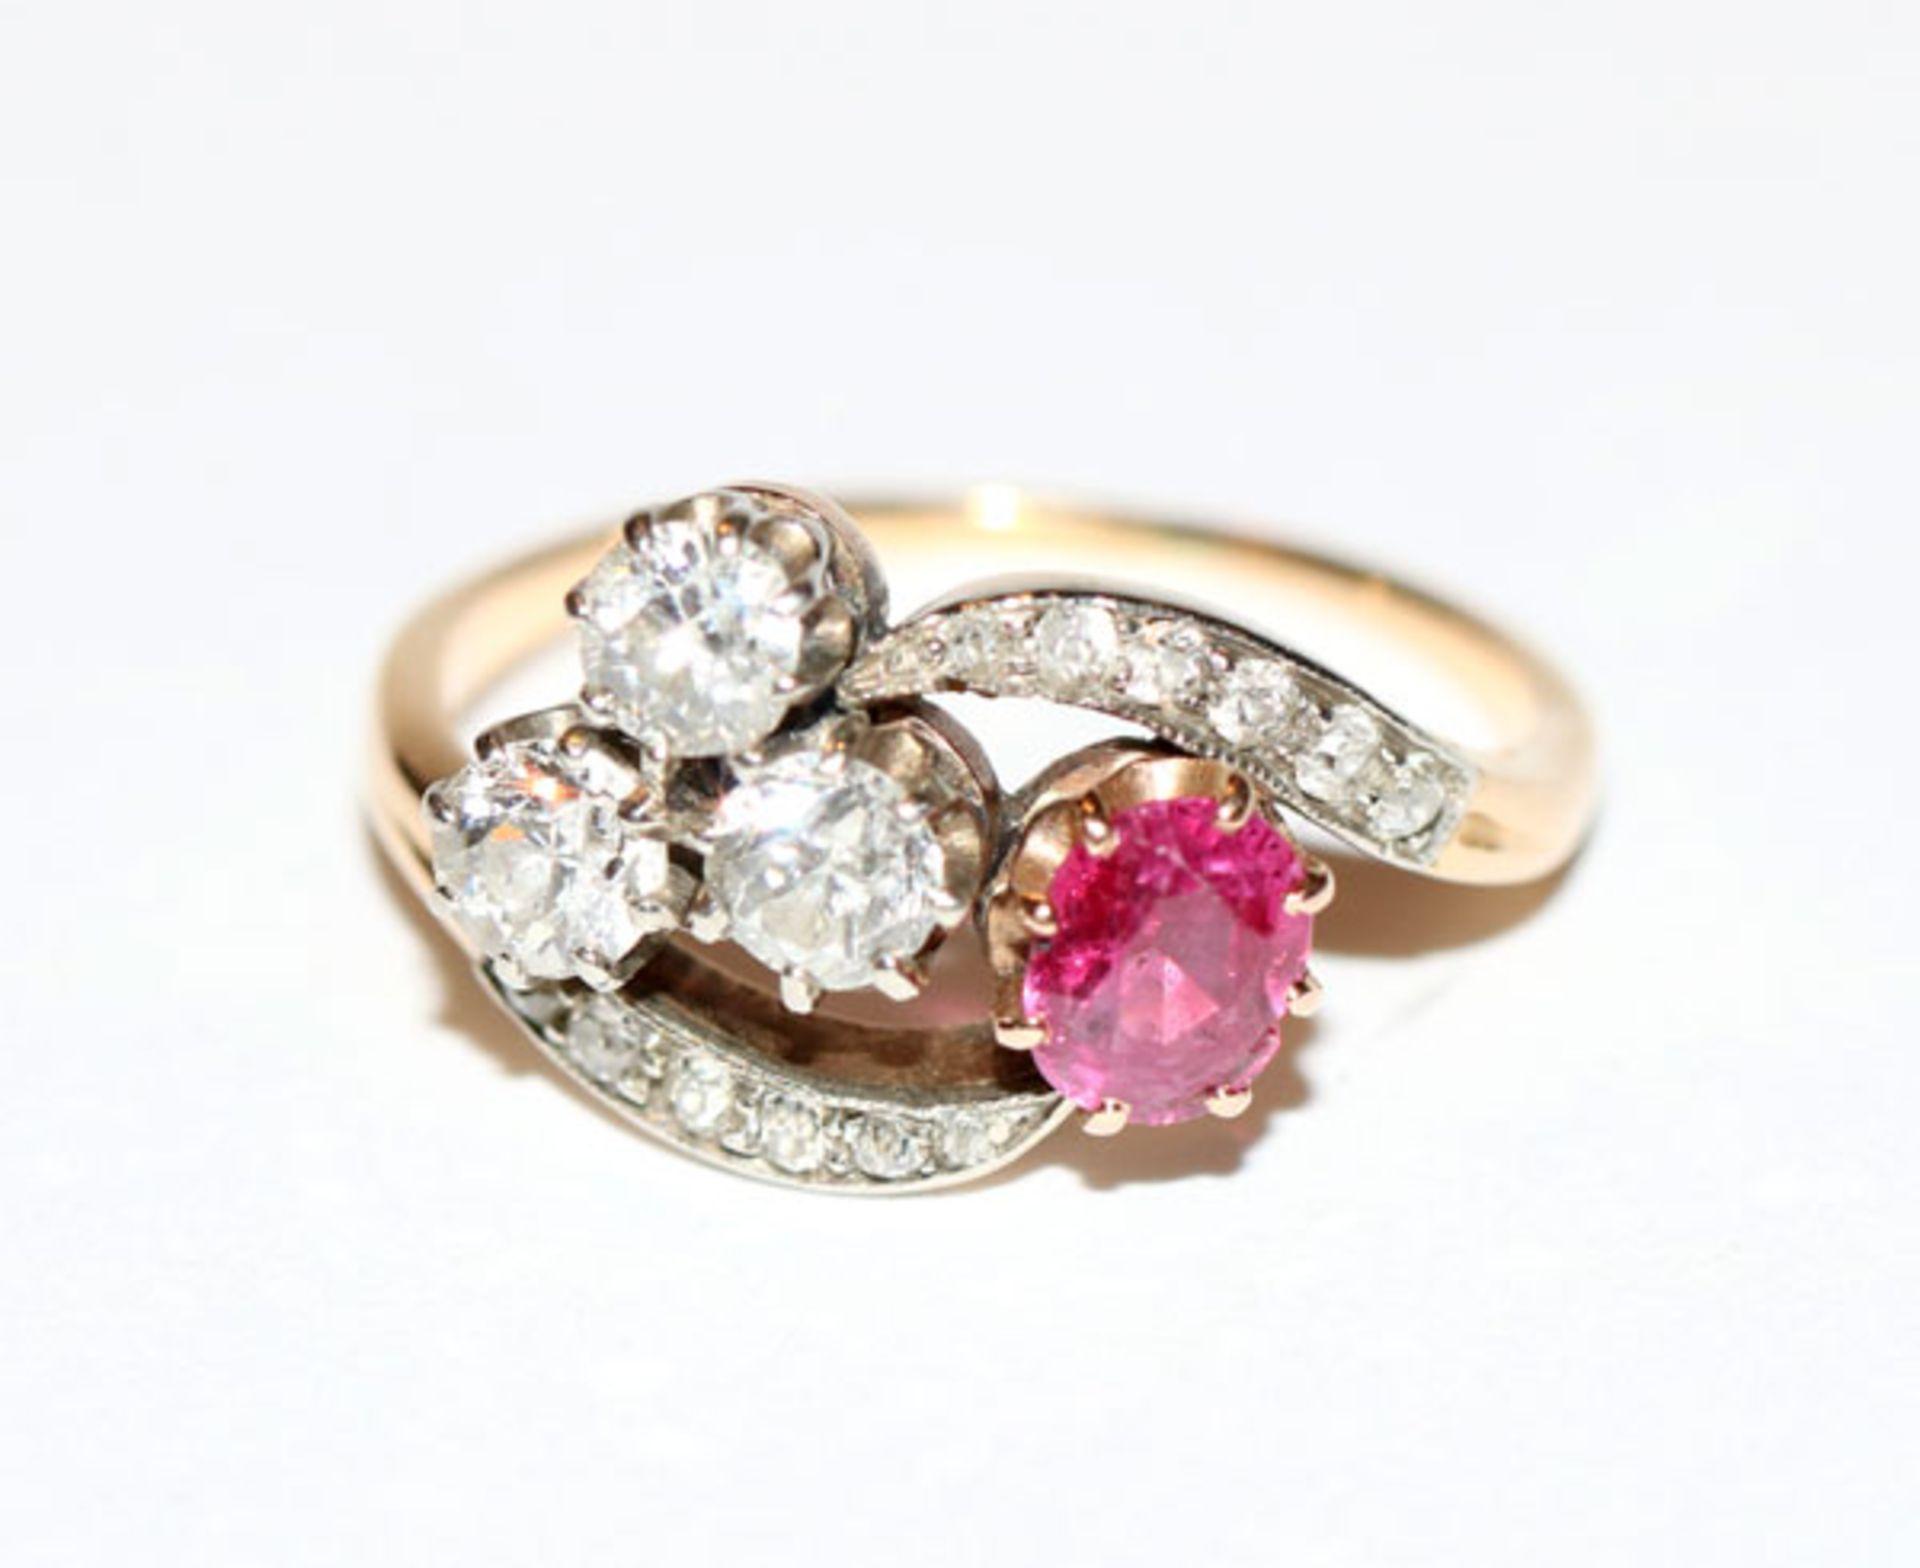 18 k Gelbgold (geprüft) Ring mit 15 Diamanten, zus. ca. 0,70 ct., und ein Rubin, Gr. 58,